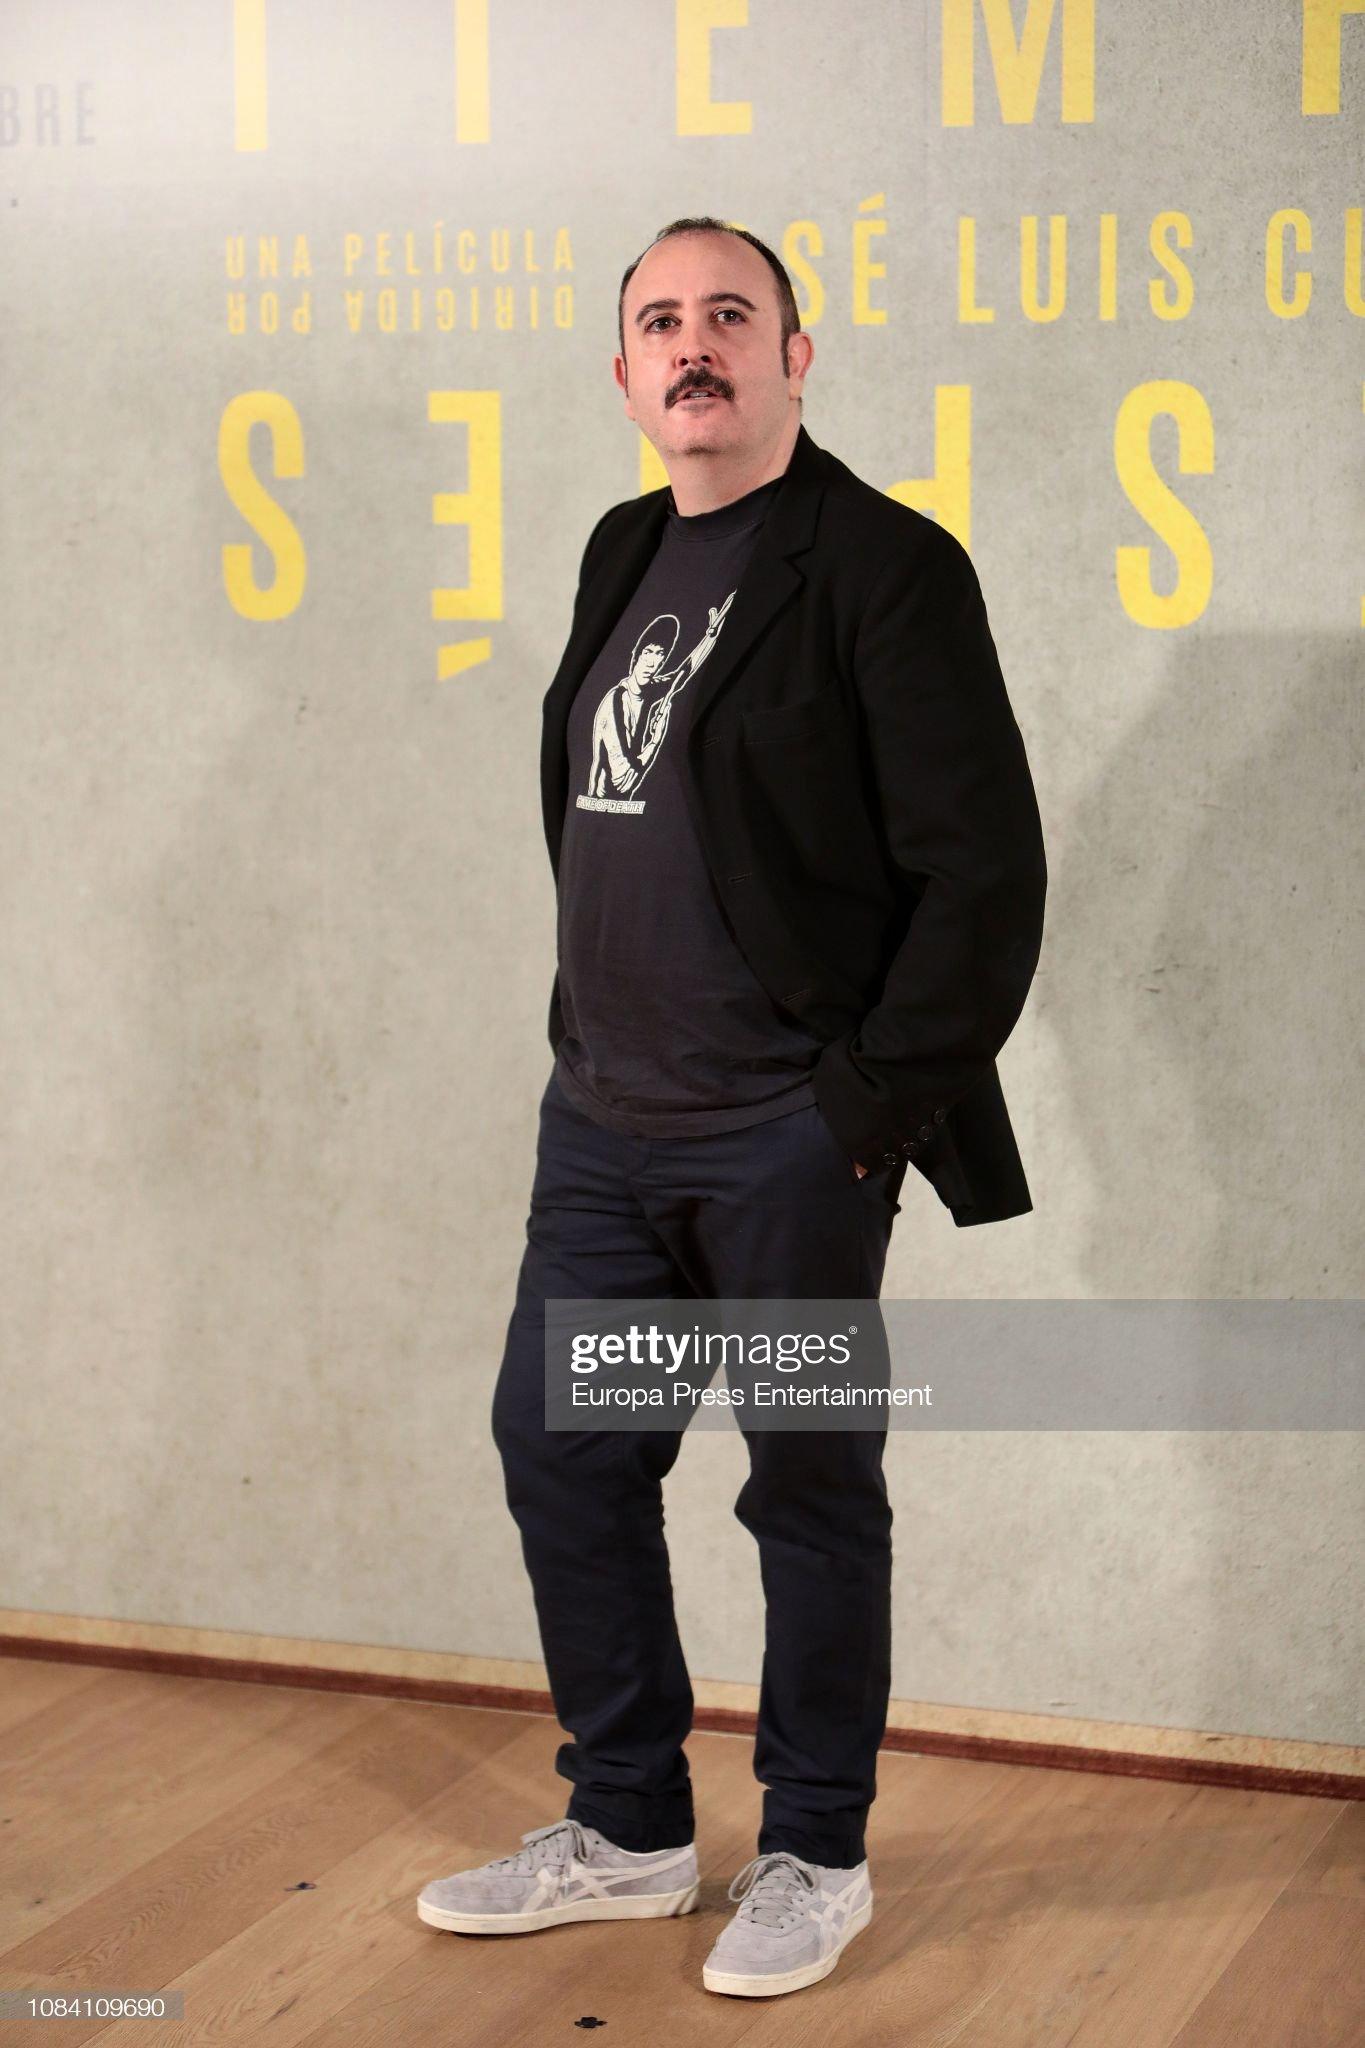 ¿Cuánto mide Carlos Areces? - Altura Carlos-areces-attends-tiempo-despues-photocall-at-urso-hotel-on-18-picture-id1084109690?s=2048x2048